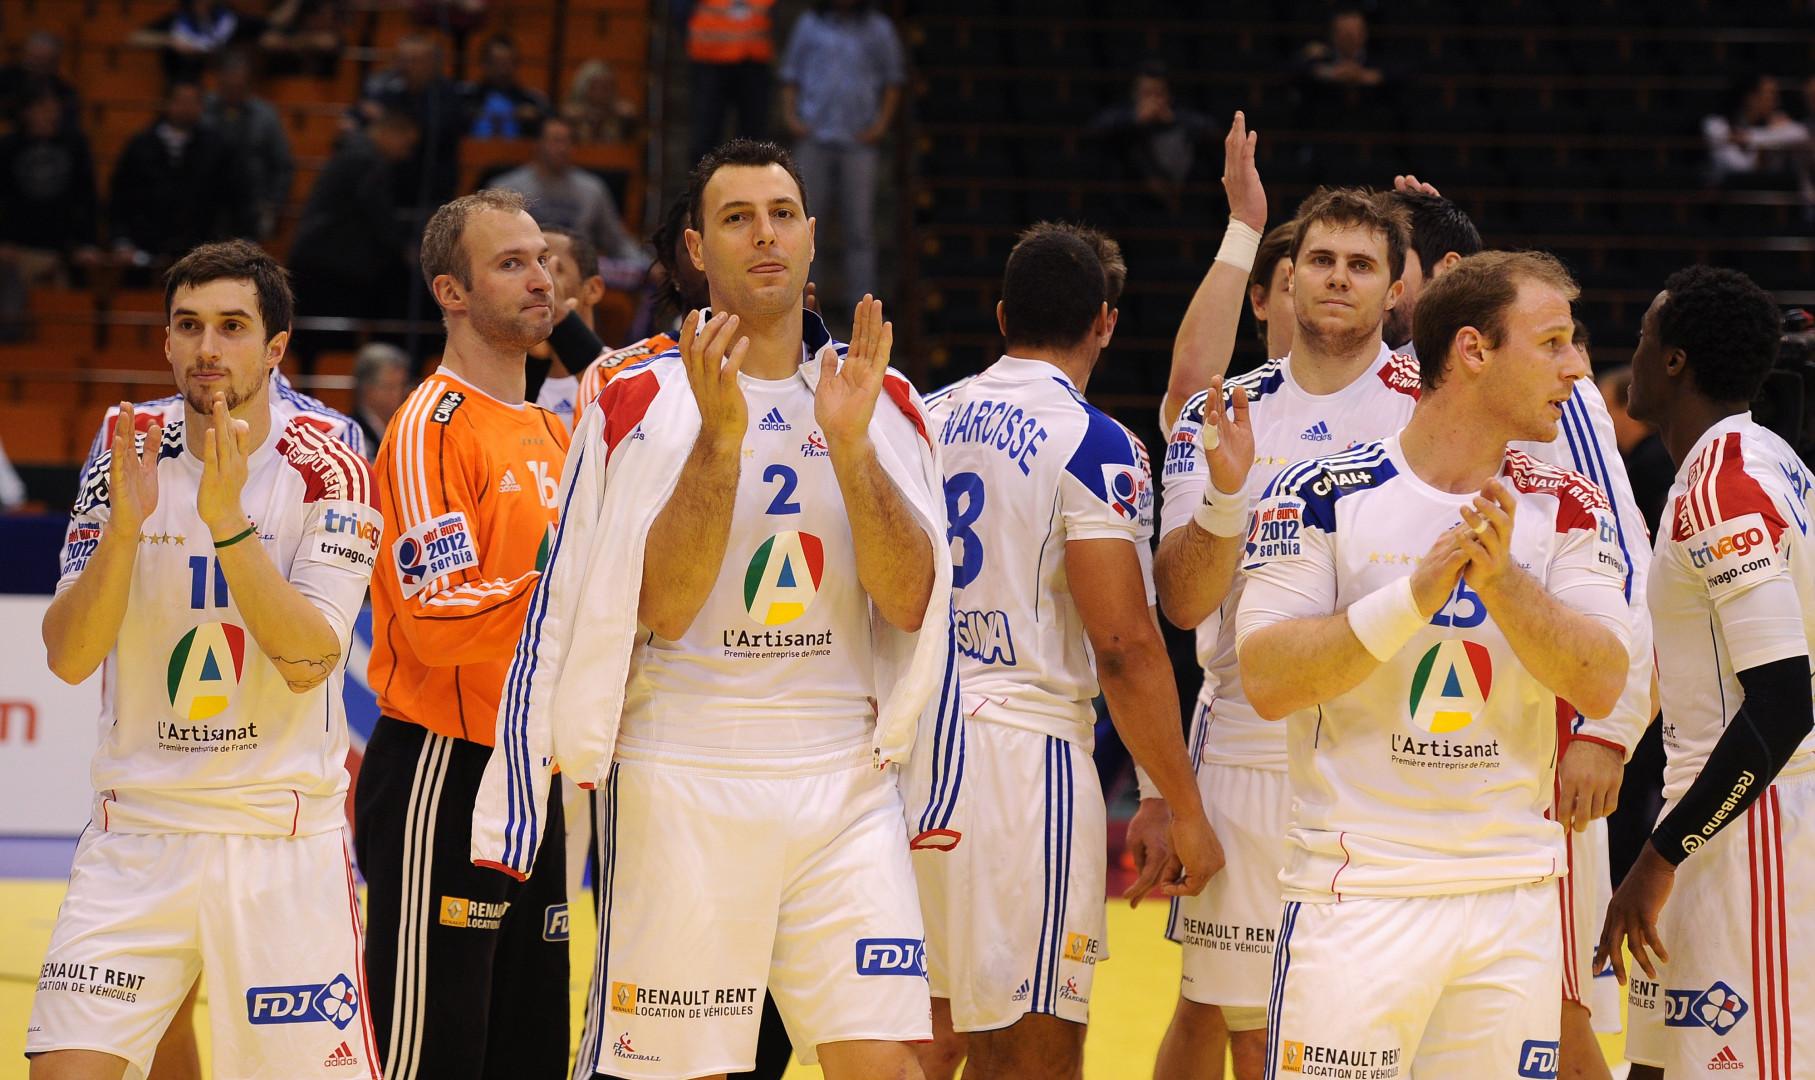 L'équipe de France de handball masculin a été championne Olympique en 2008 et en 2012